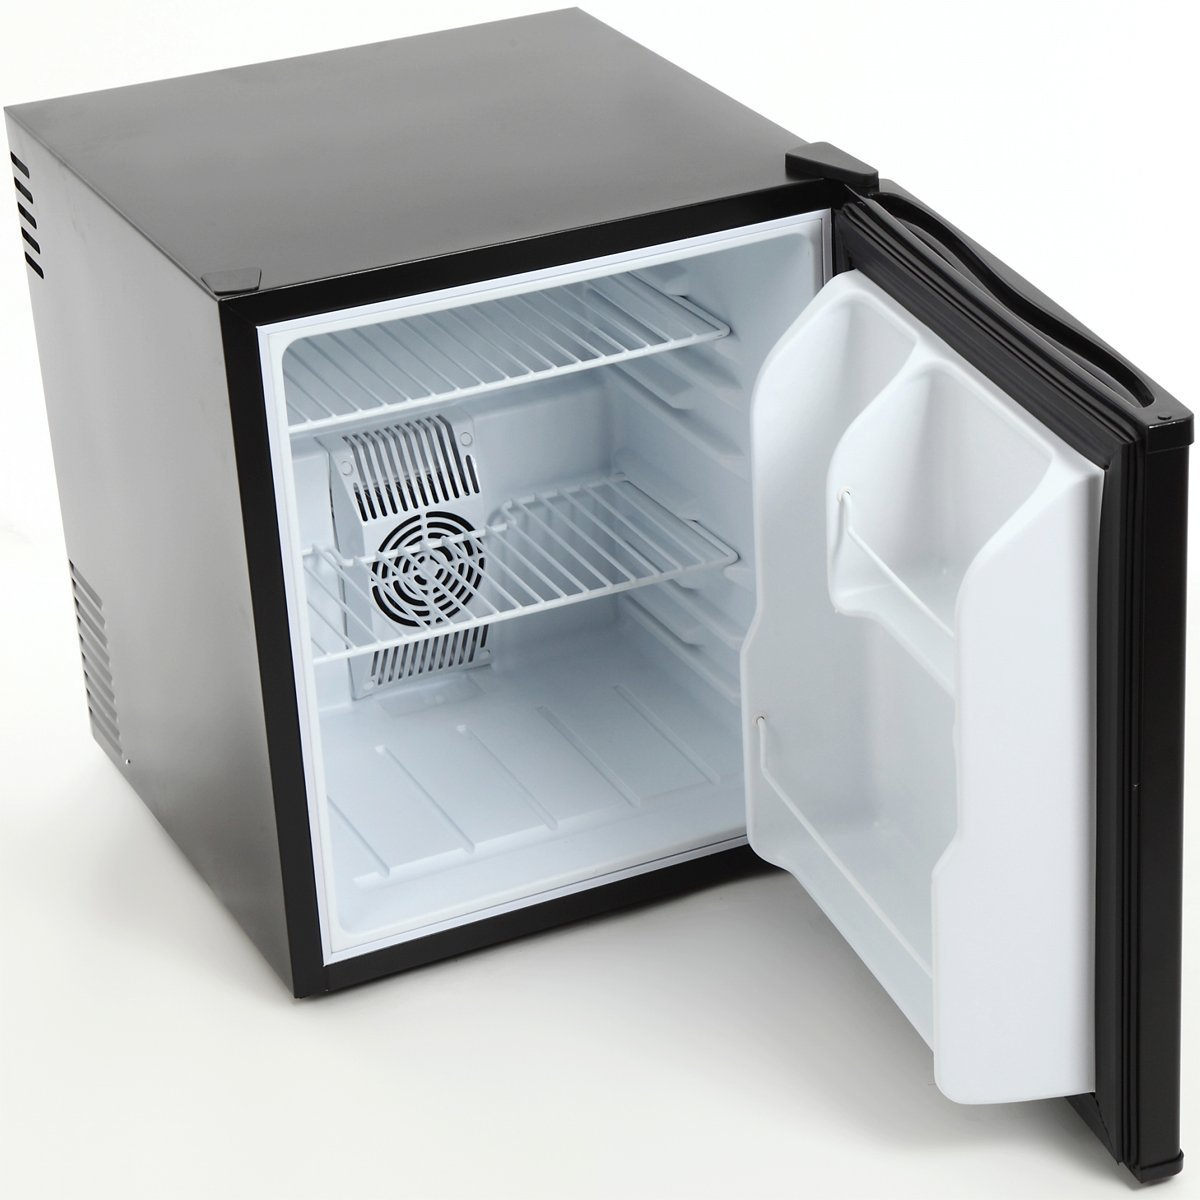 冷凍庫のおすすめ5選!一人暮らしにも便利な小型や大容量タイプも